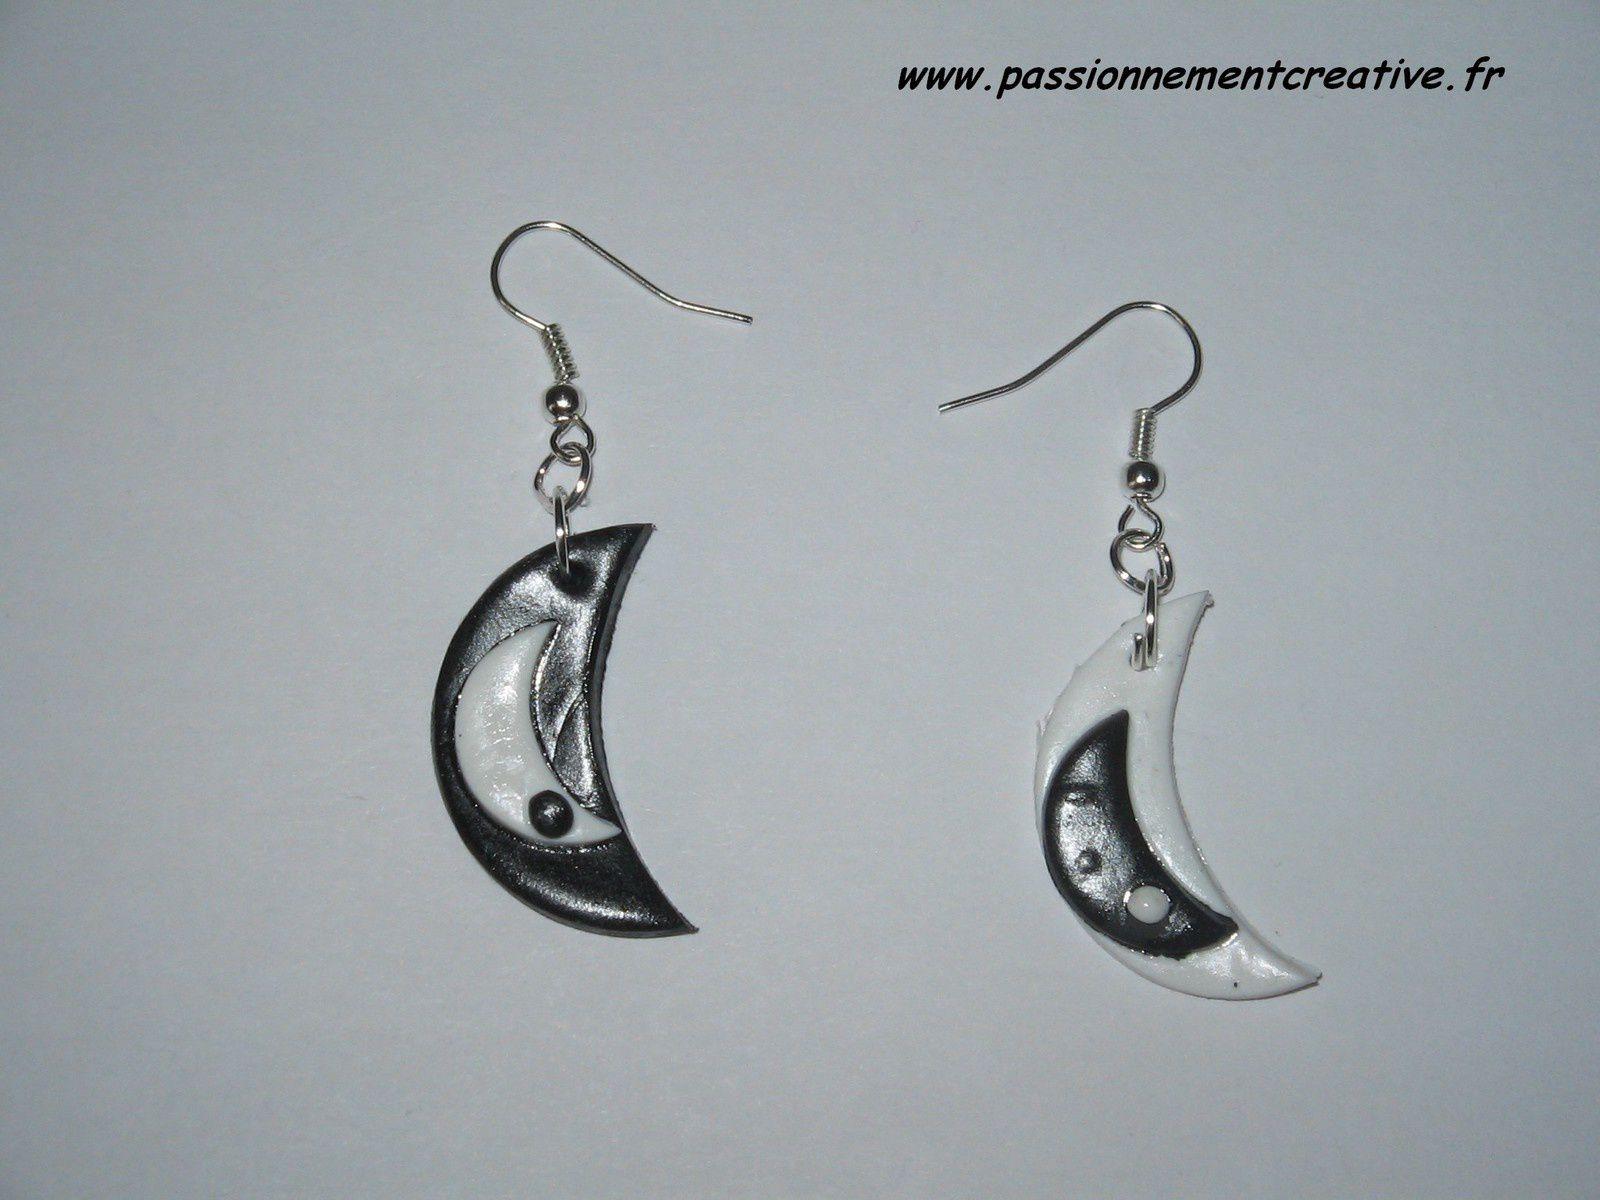 Boucles d'oreilles Lune en fimo